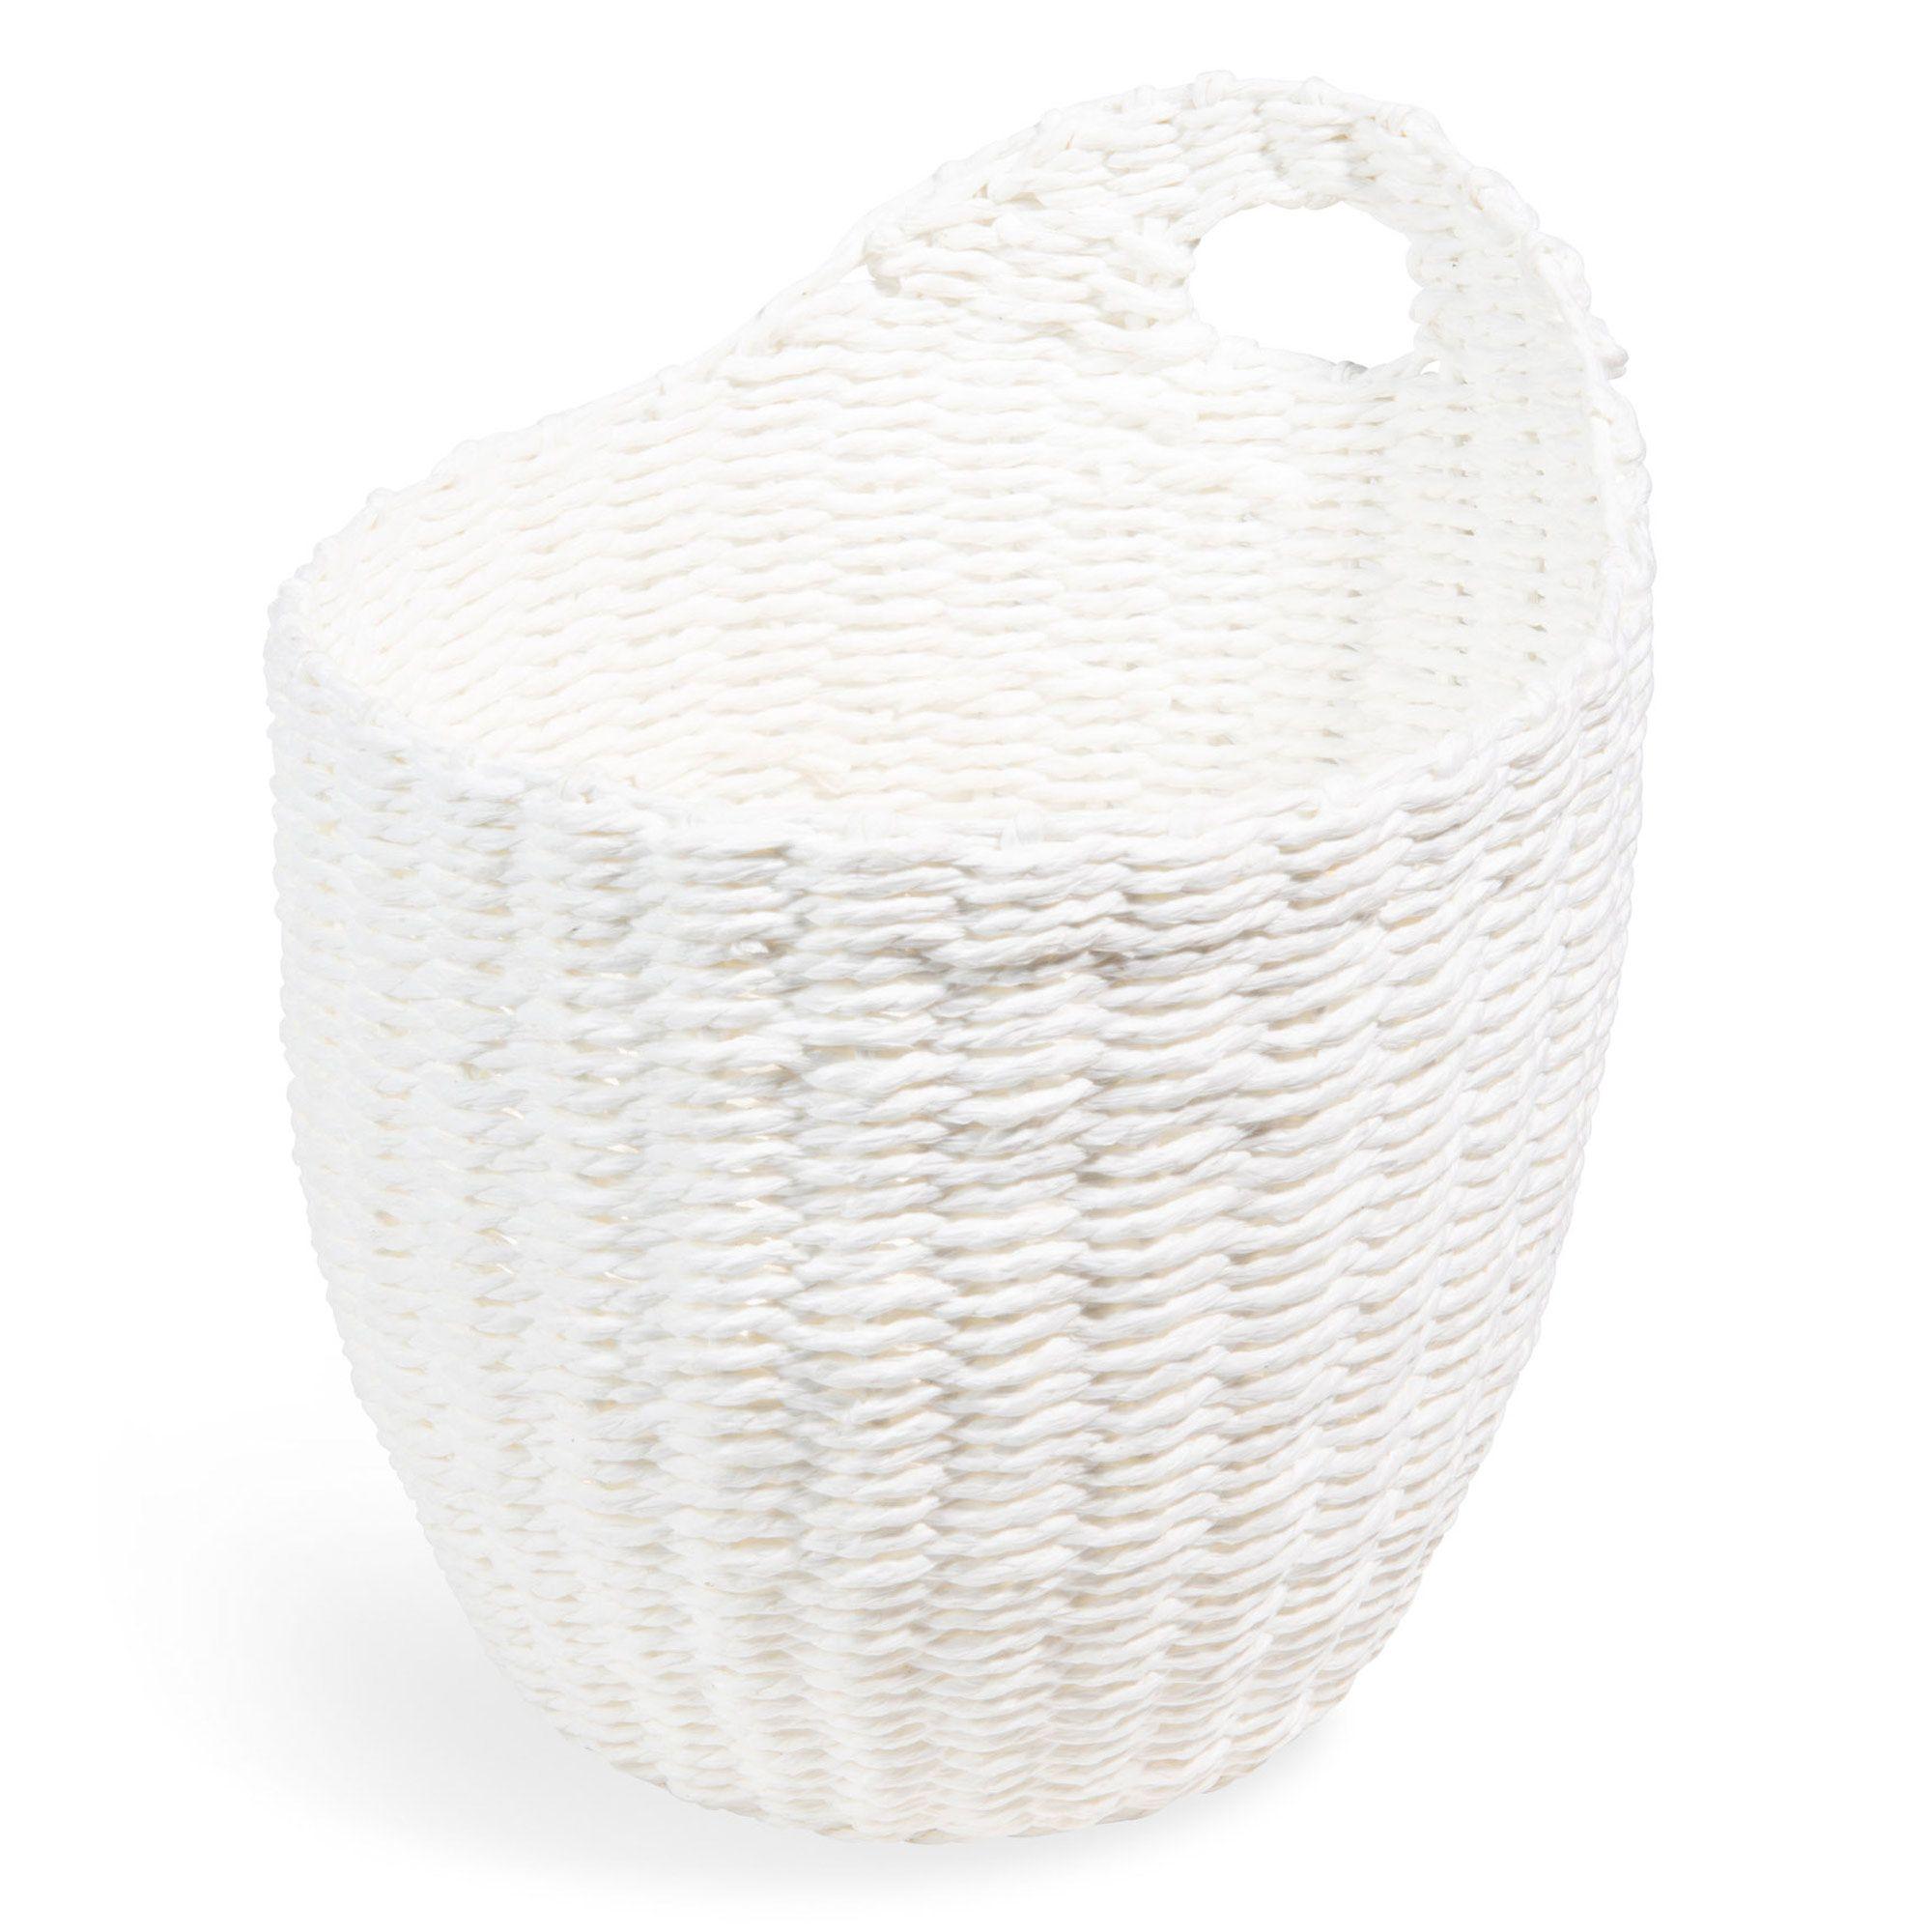 Panier A Suspendre En Vannerie Blanc H 19 Cm Mer Panier Suspendu Maisonsdumonde Maison Du Monde